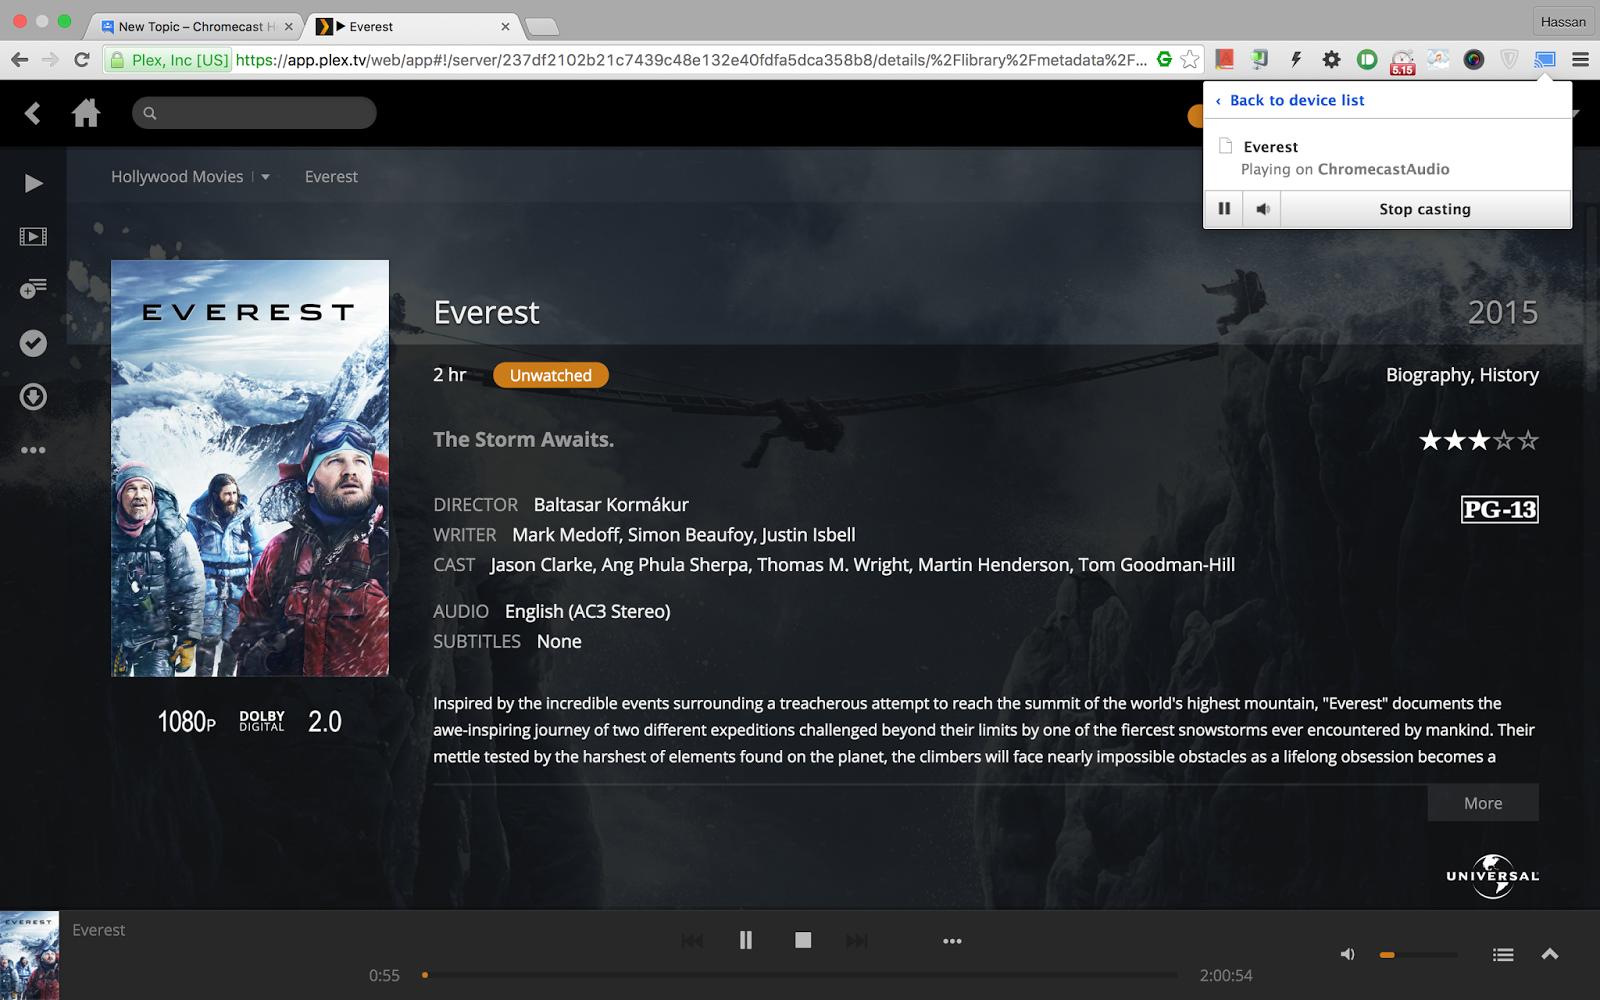 Plex: Using Google Chrome Plugin for Chromecast Audio - Chromecast Help